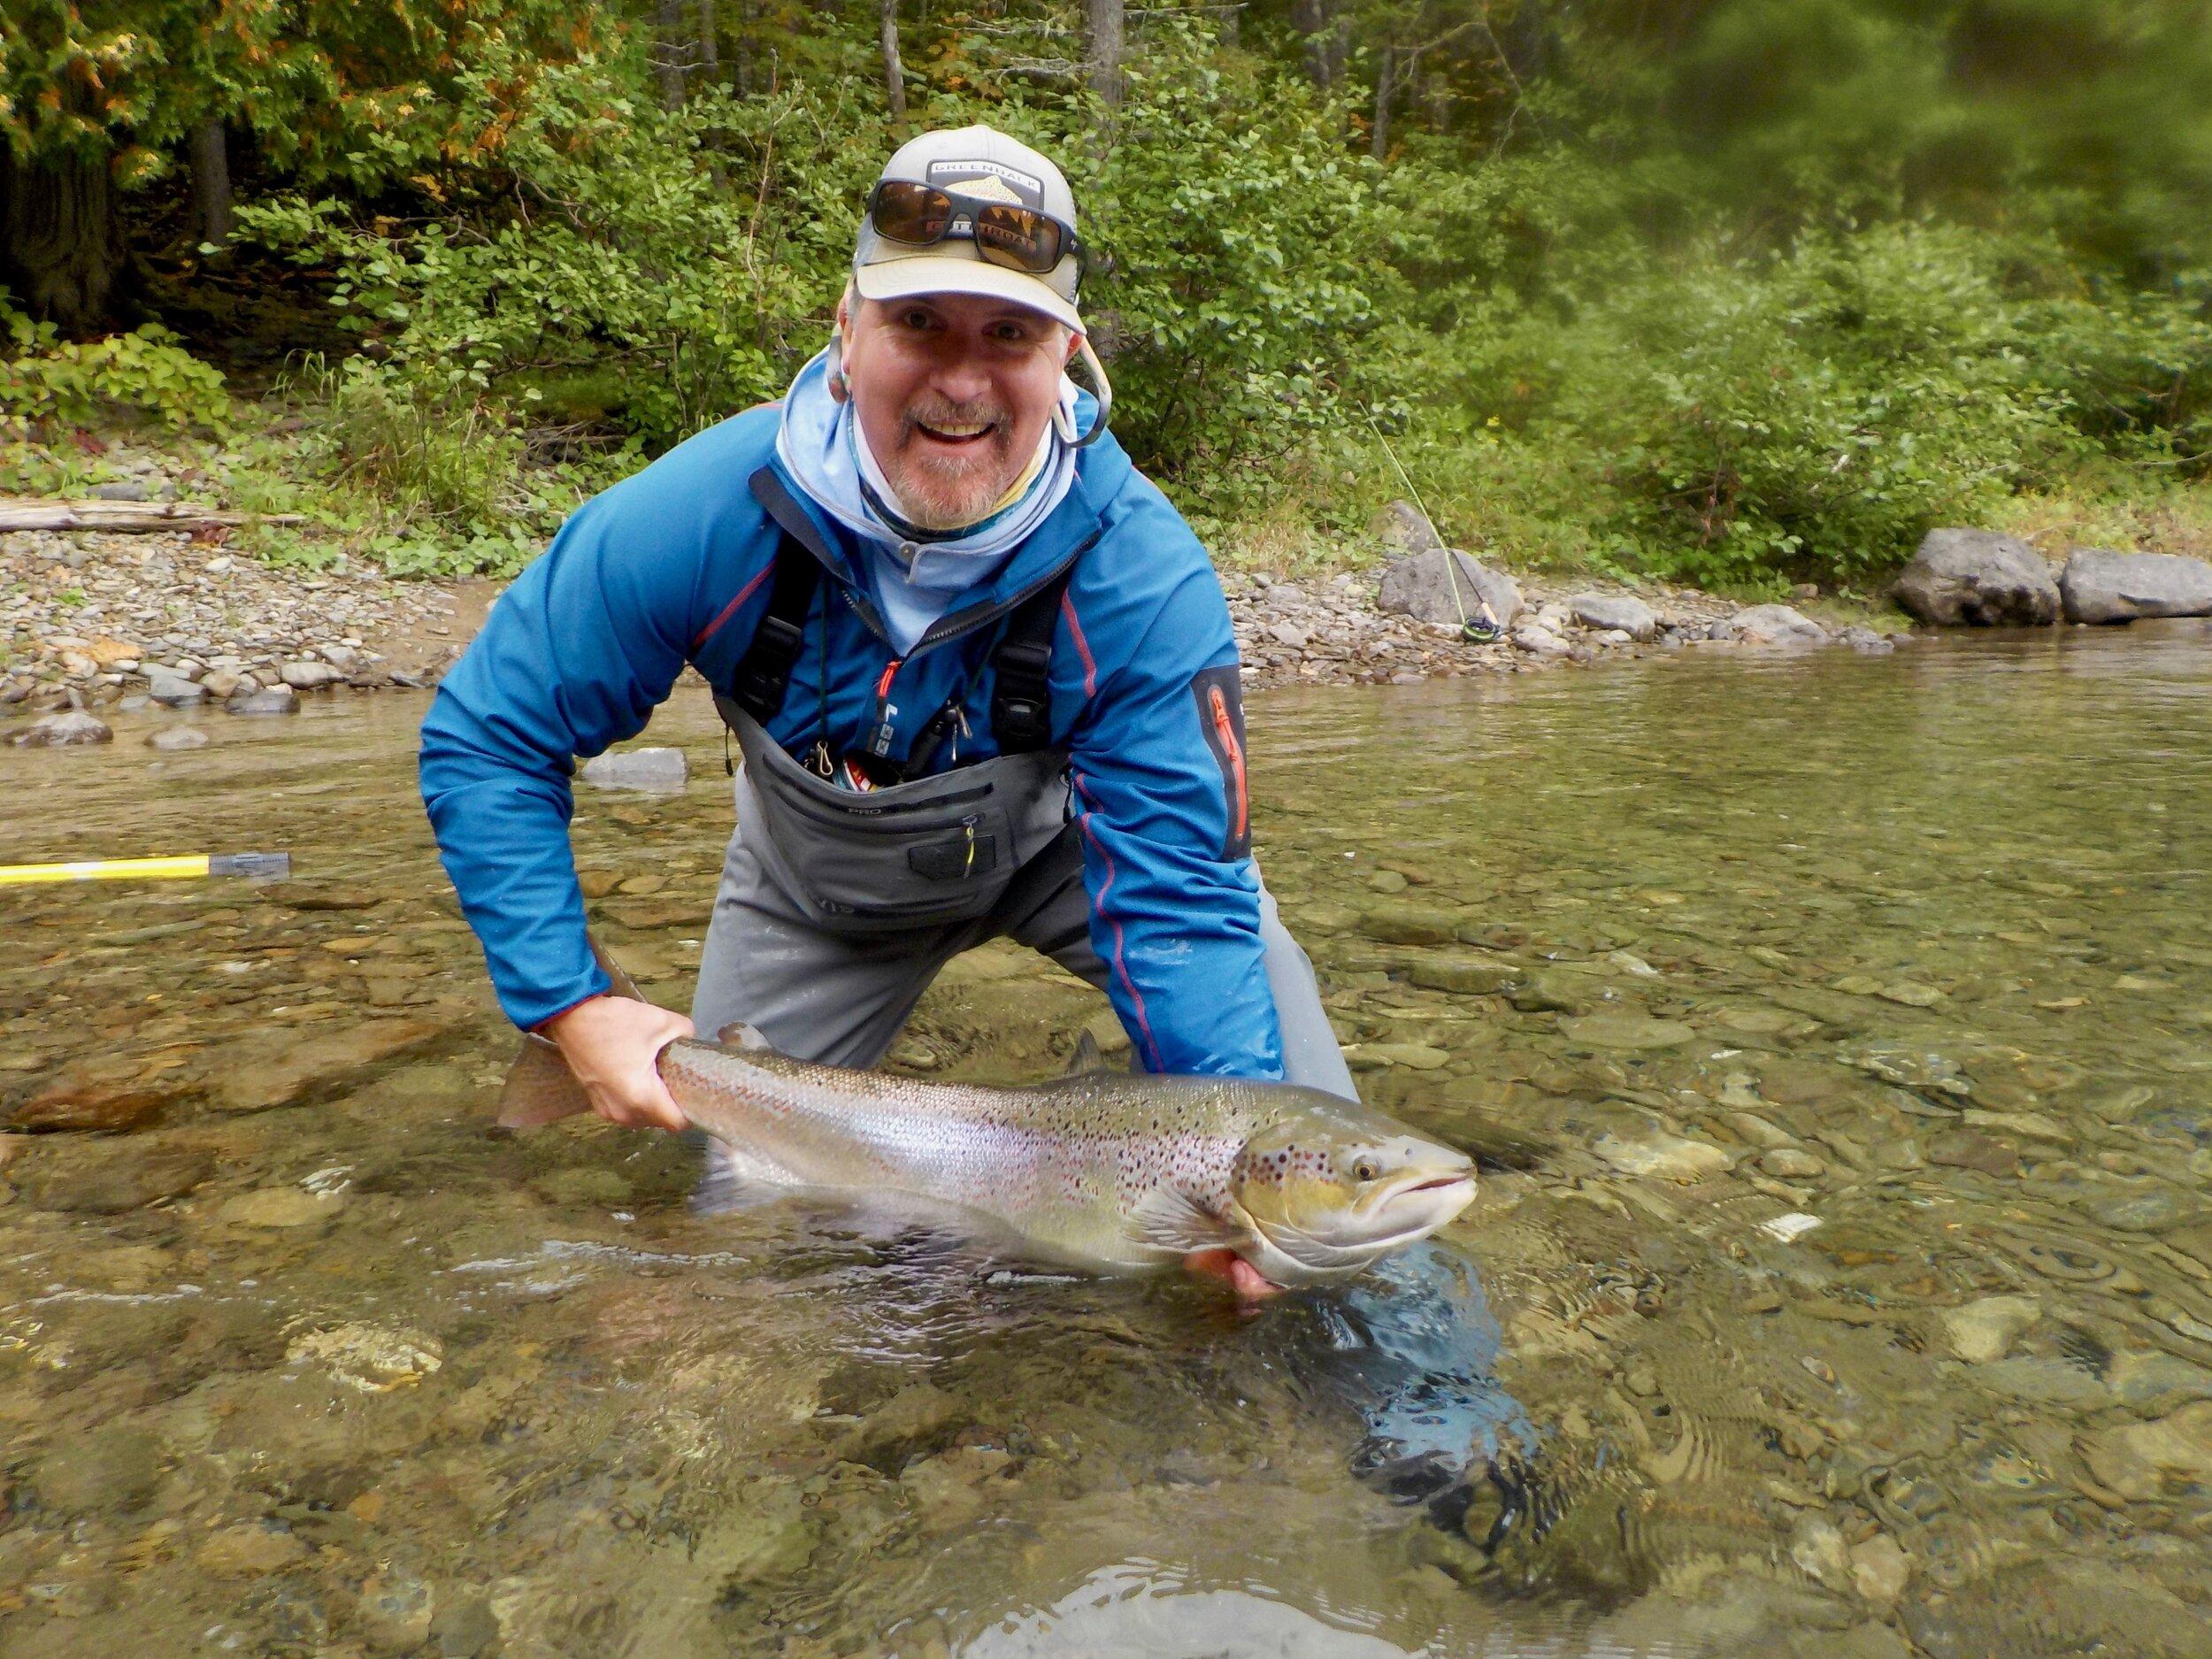 Mike Haskell a capturé ce superbe spécimen dans la rivière Bonaventure. Félicitations, Mike! On espère te revoir l'an prochain!